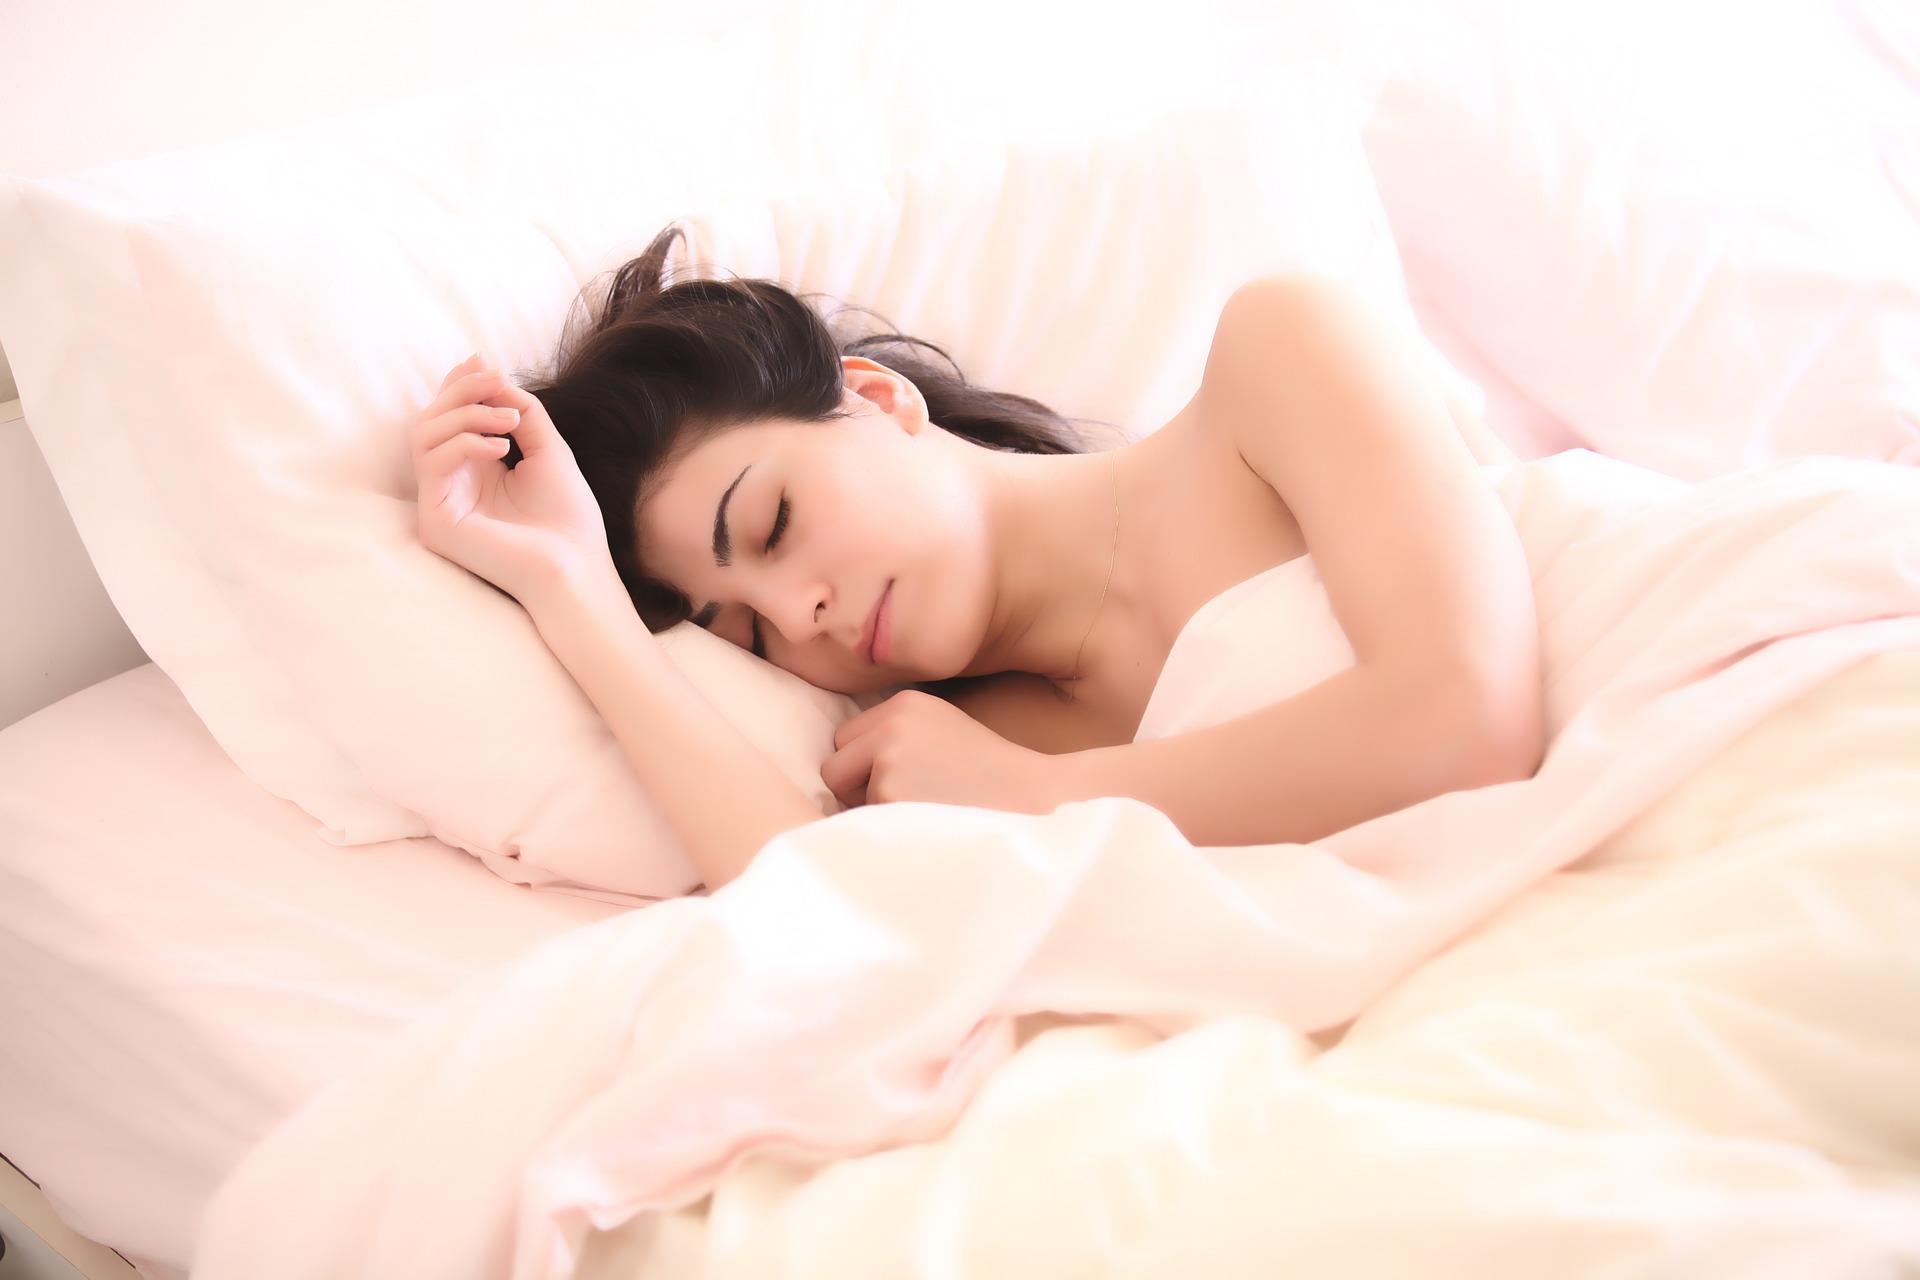 desiderare un sonno ristoratore…